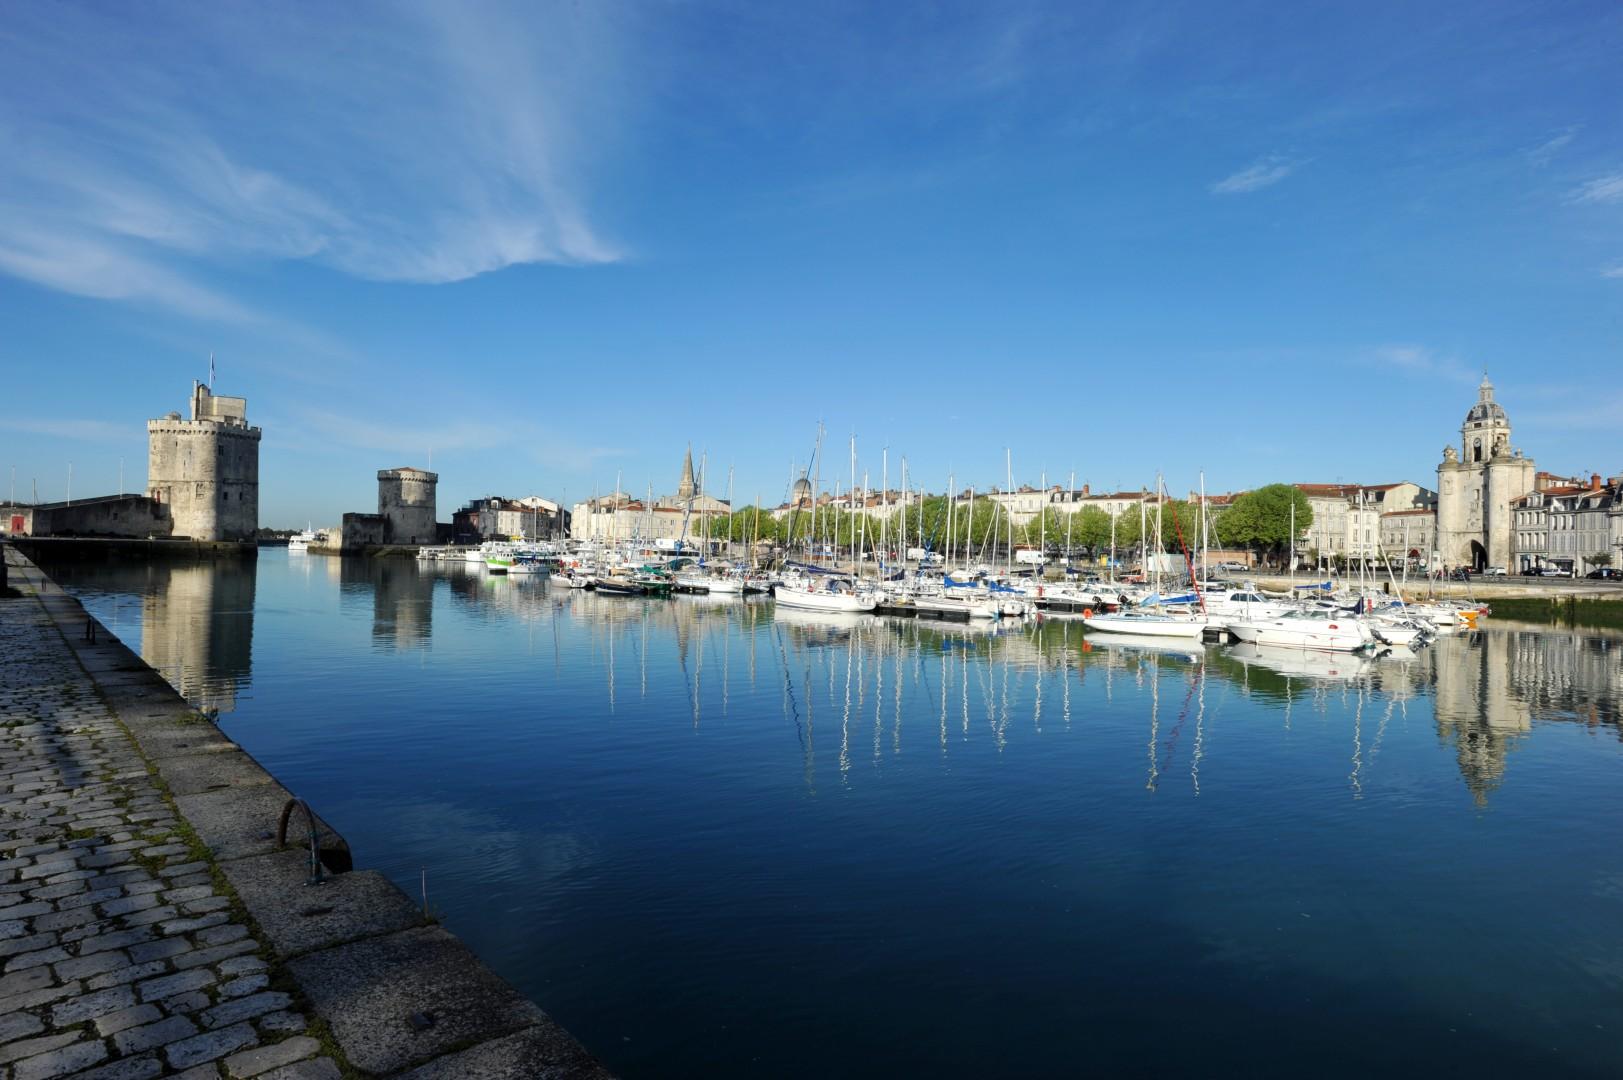 D couvrez les sites partenaires du citypass 39 la rochelle office de tourisme de la rochelle - Cuisine portugaise la rochelle ...